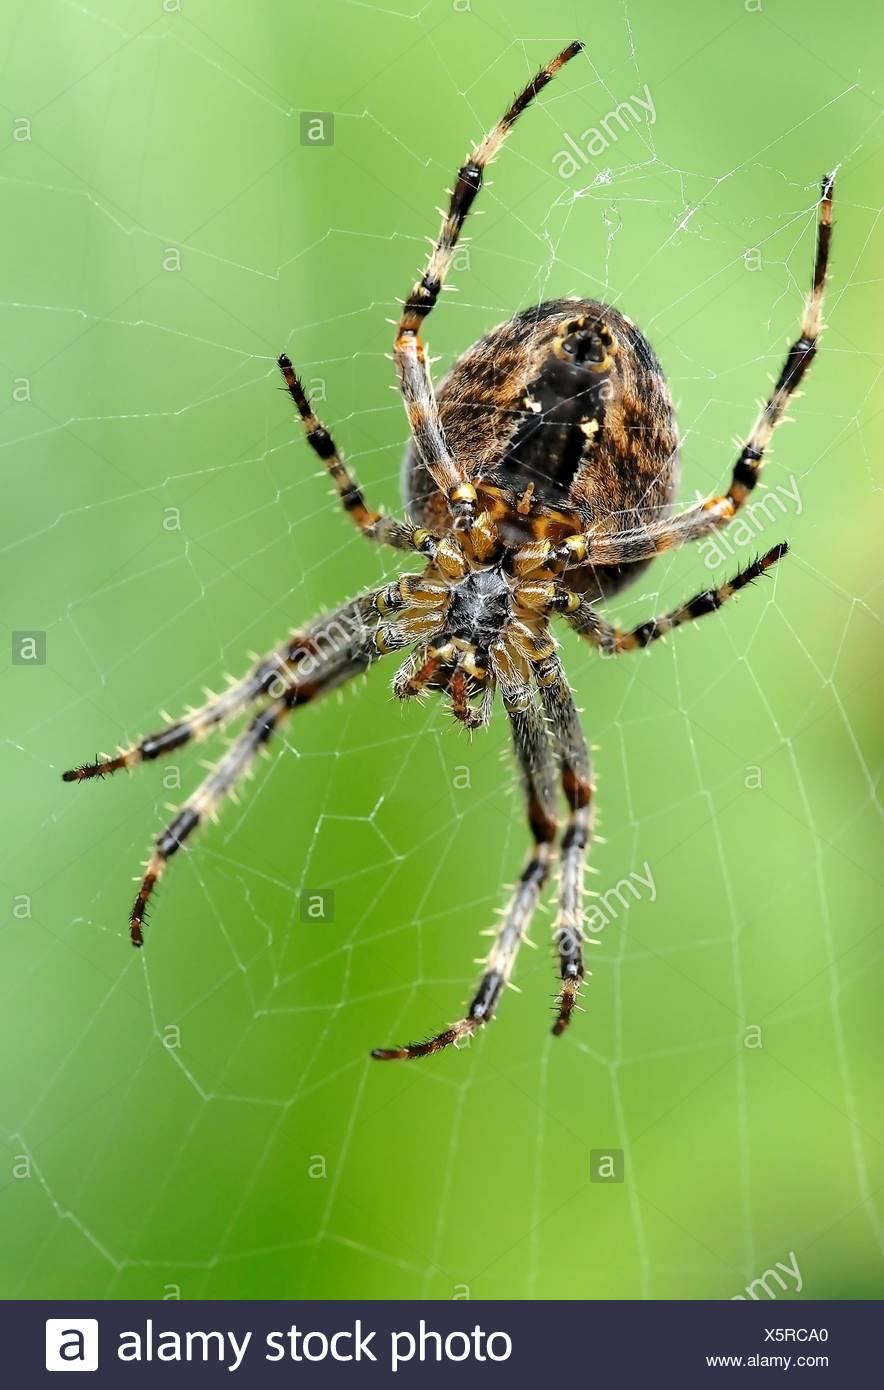 Garden spider - Stock Image